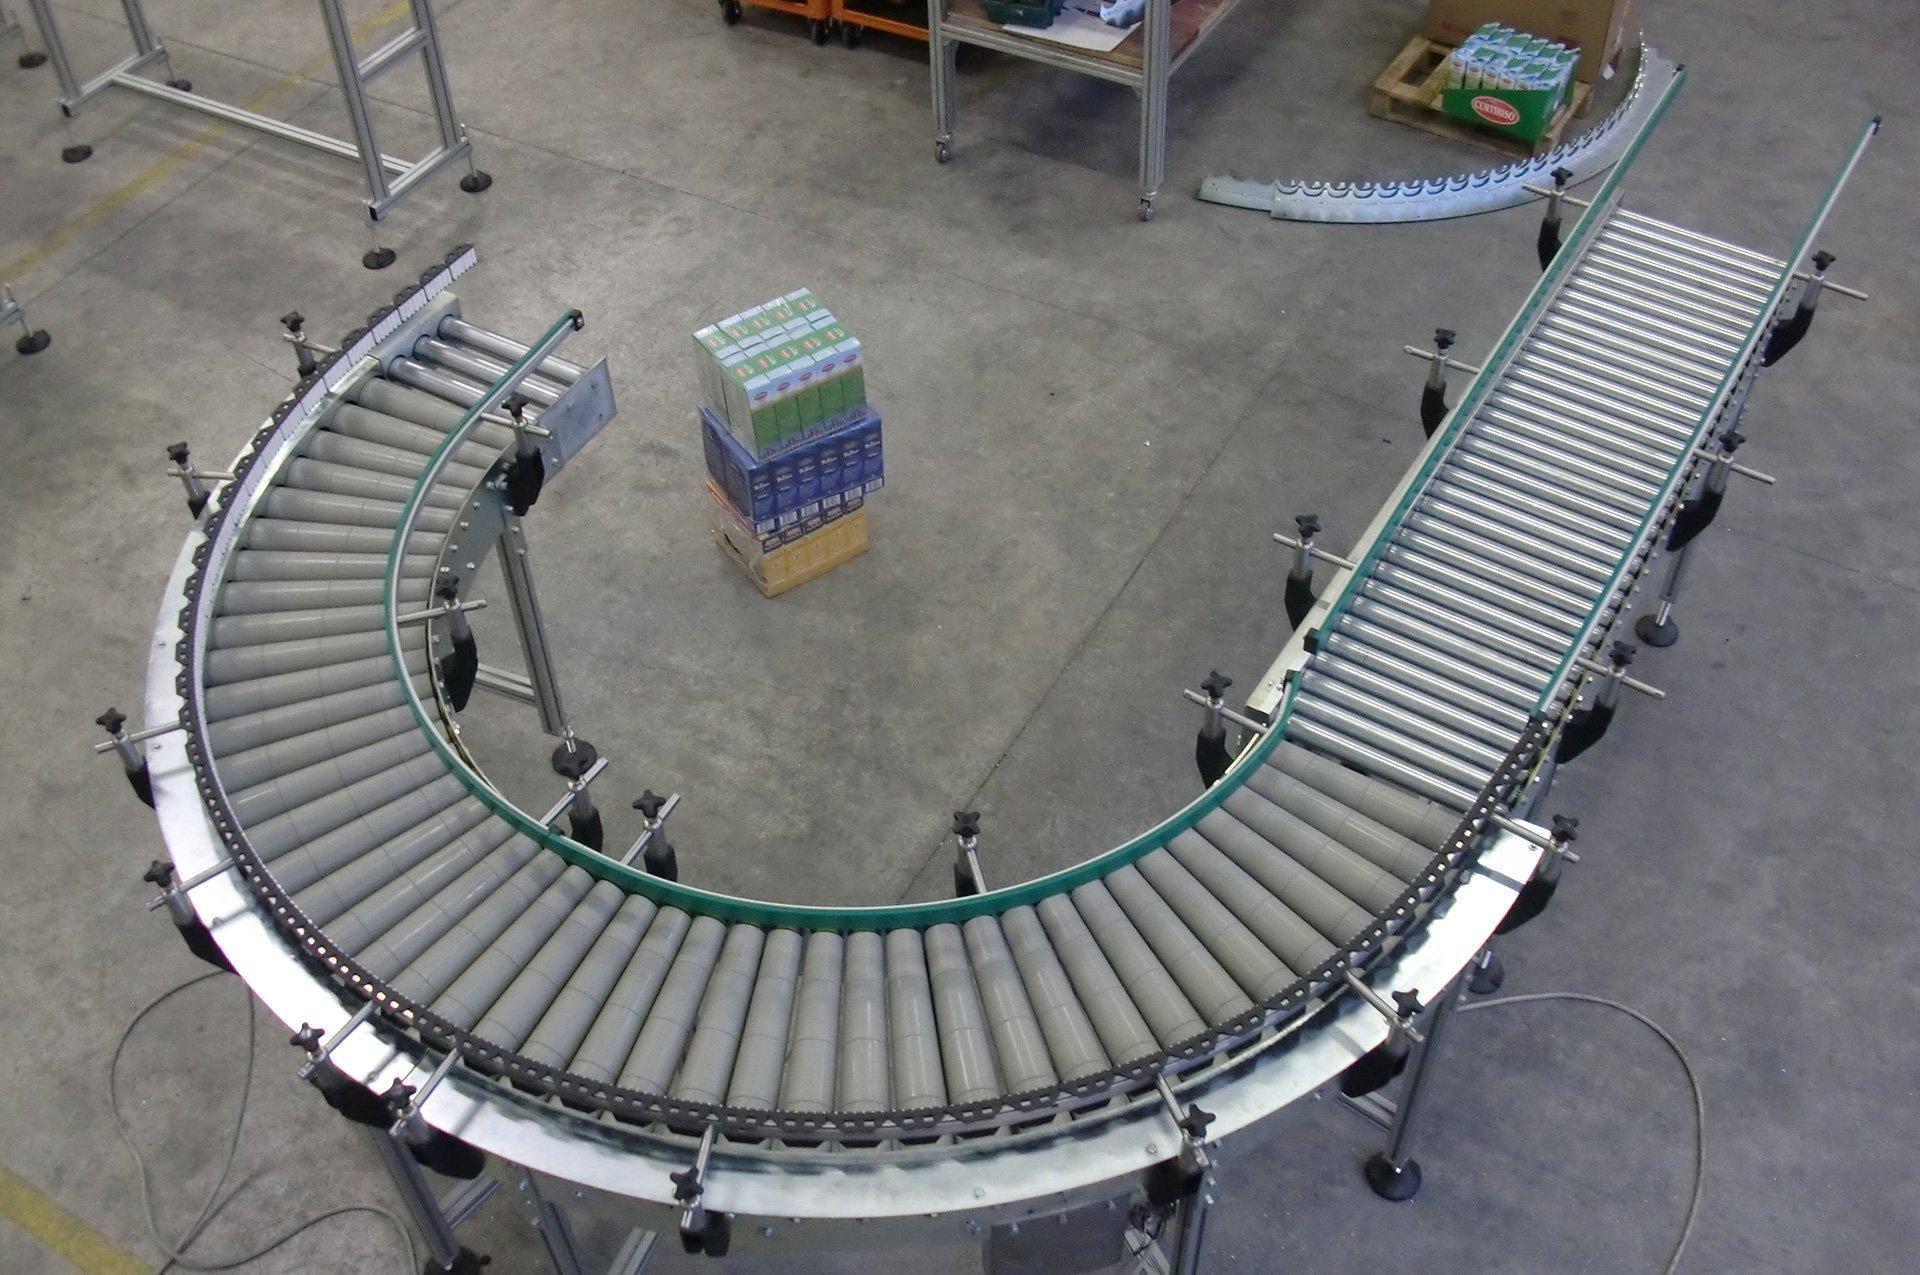 una struttura in ferro curva con dei rulli in acciaio